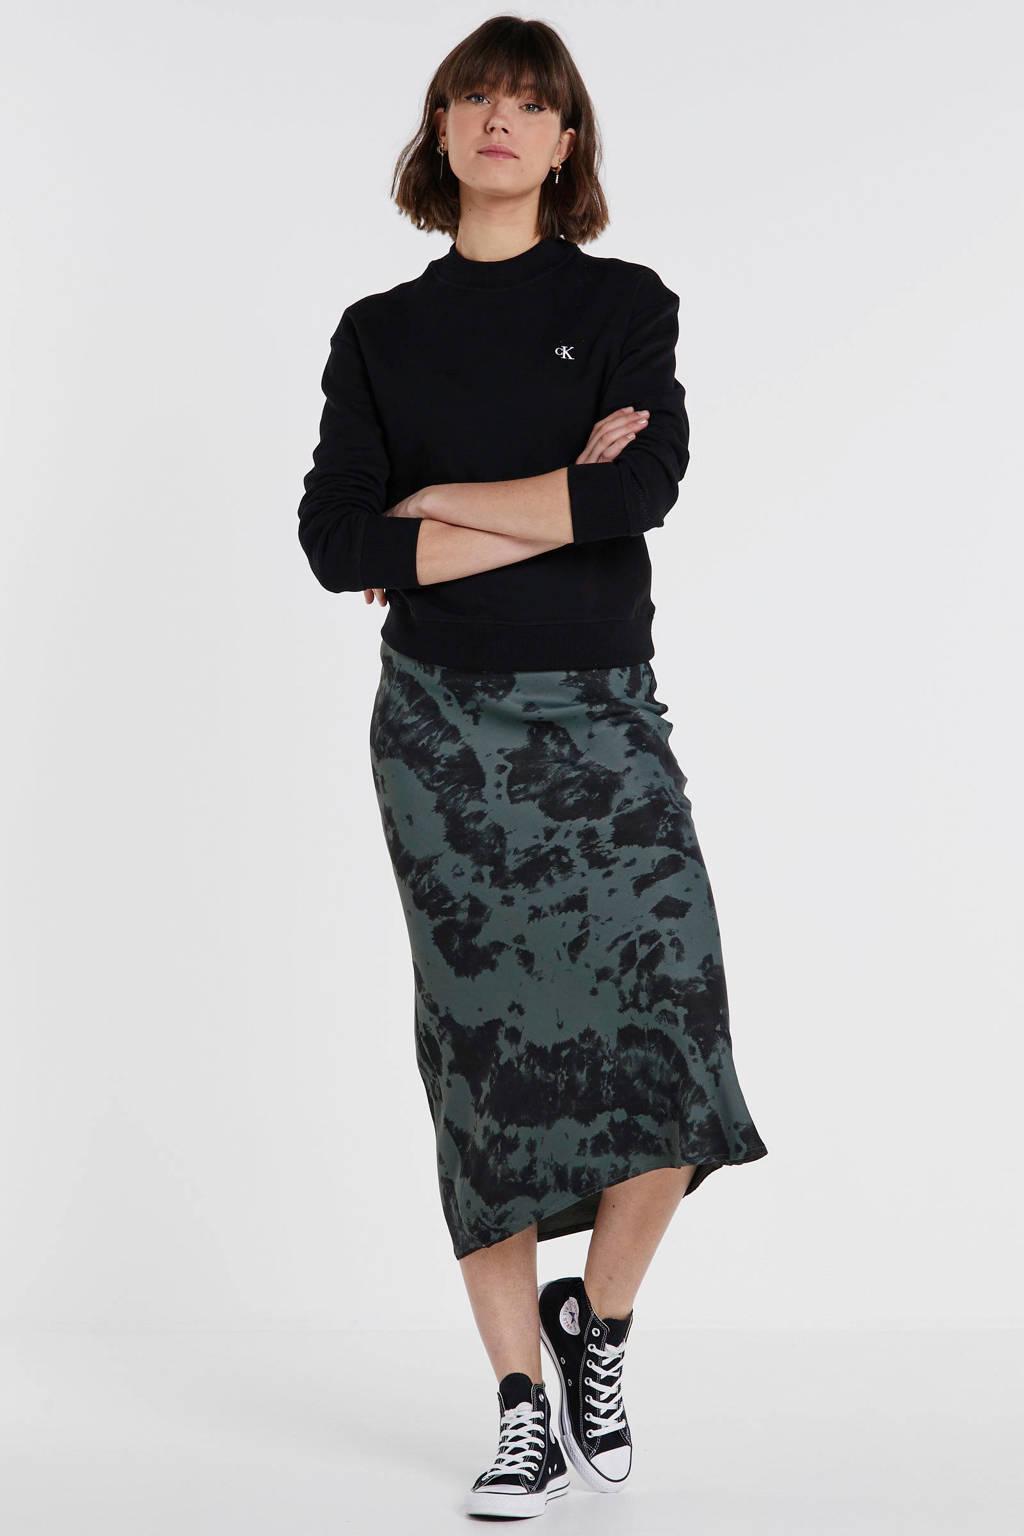 CALVIN KLEIN JEANS sweater zwart, CK BLACK